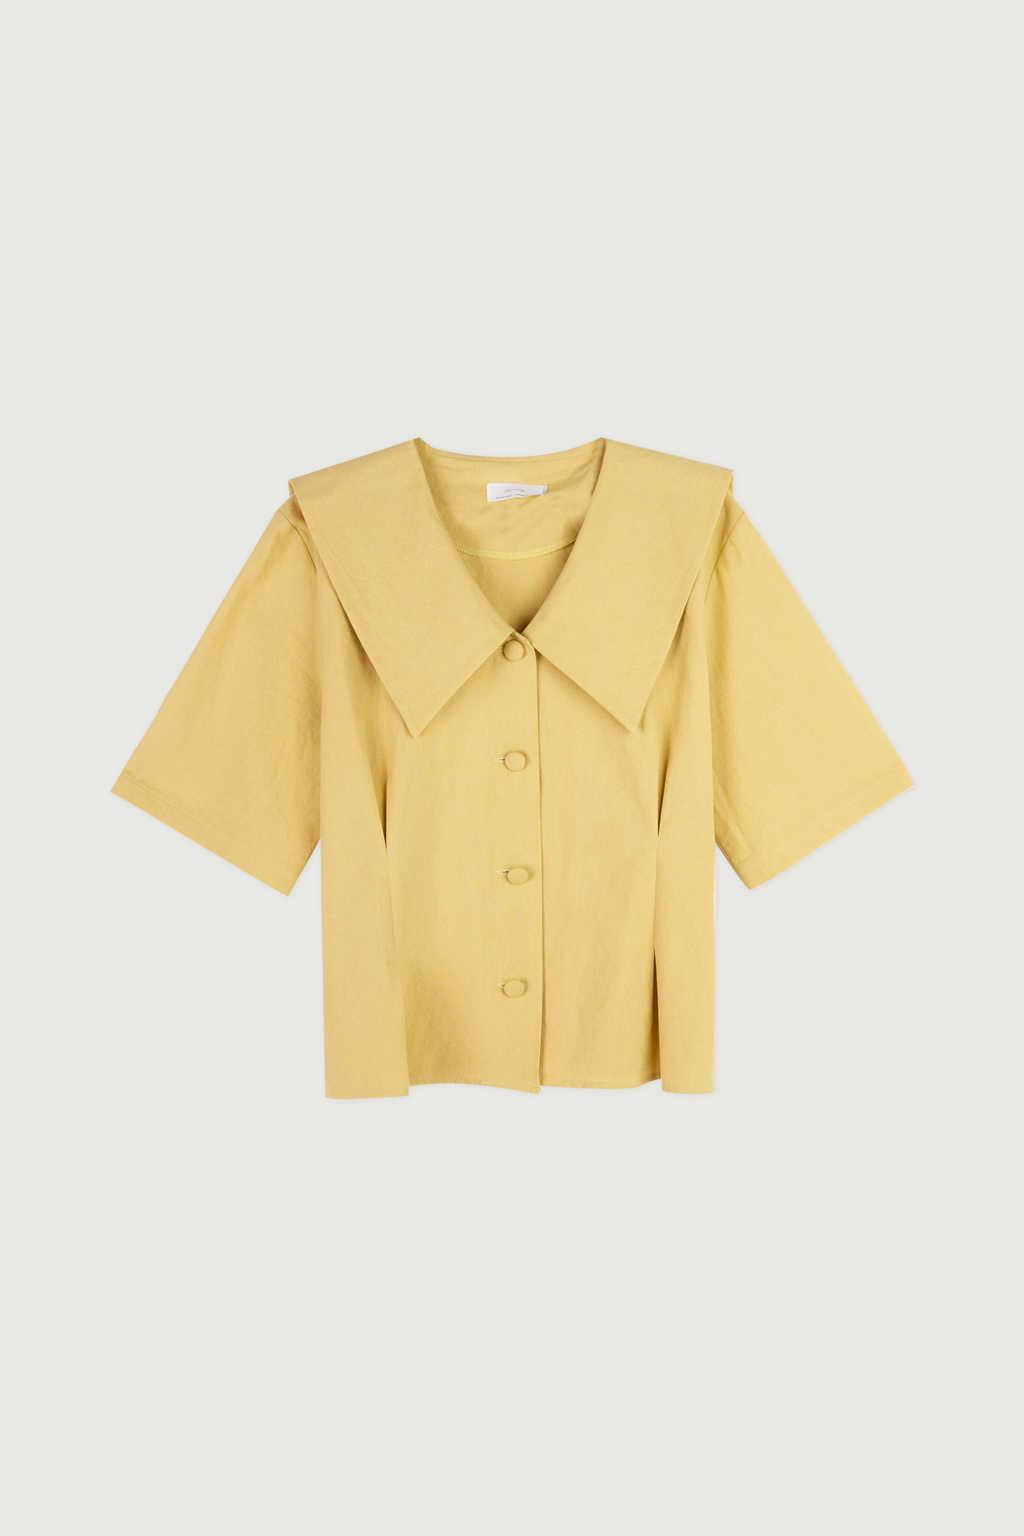 Blouse K006 Mustard 5